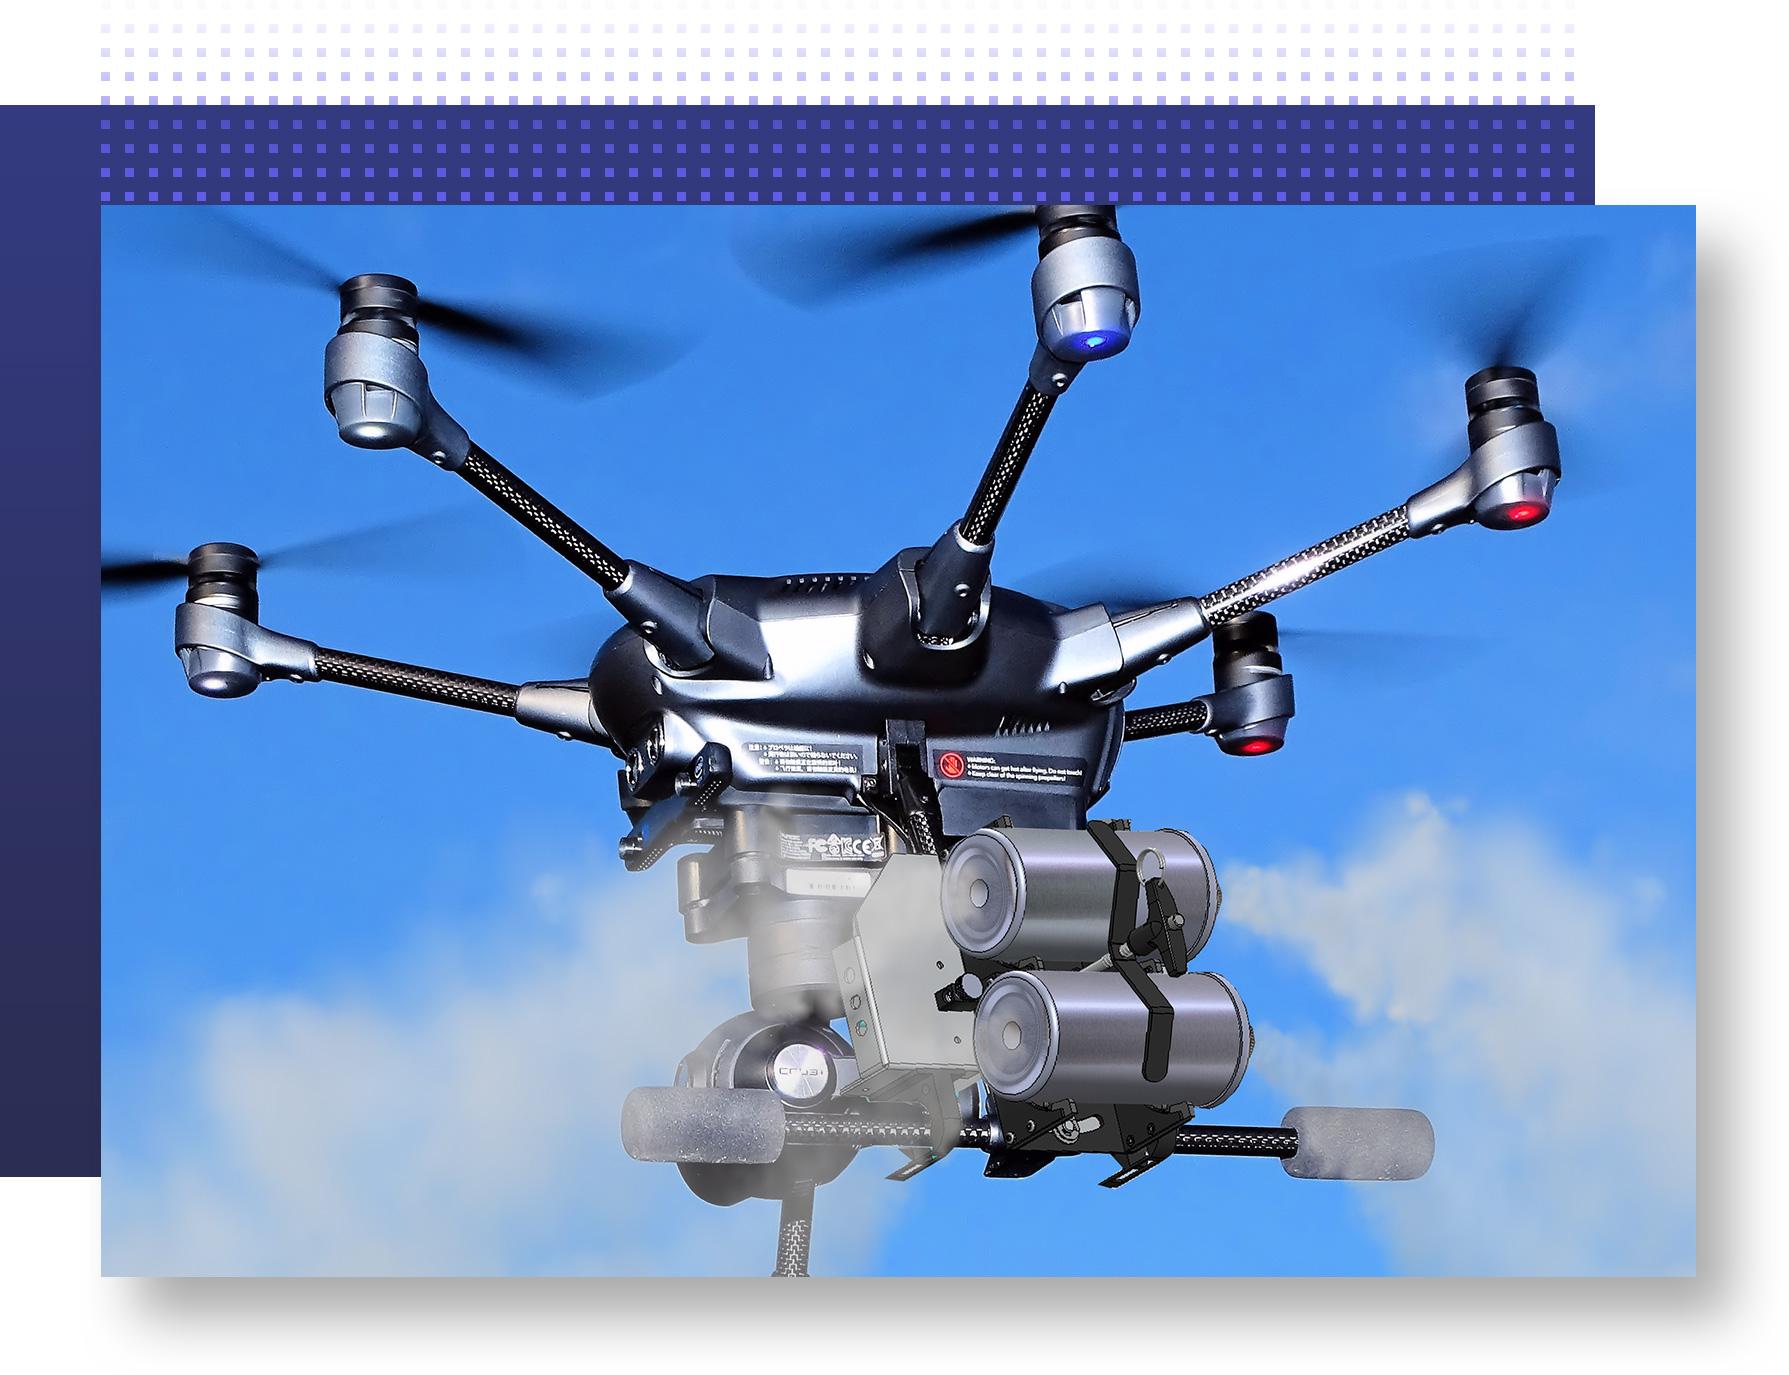 Precision Aerial Dispenser | Defendry Aerial Platform | Drone